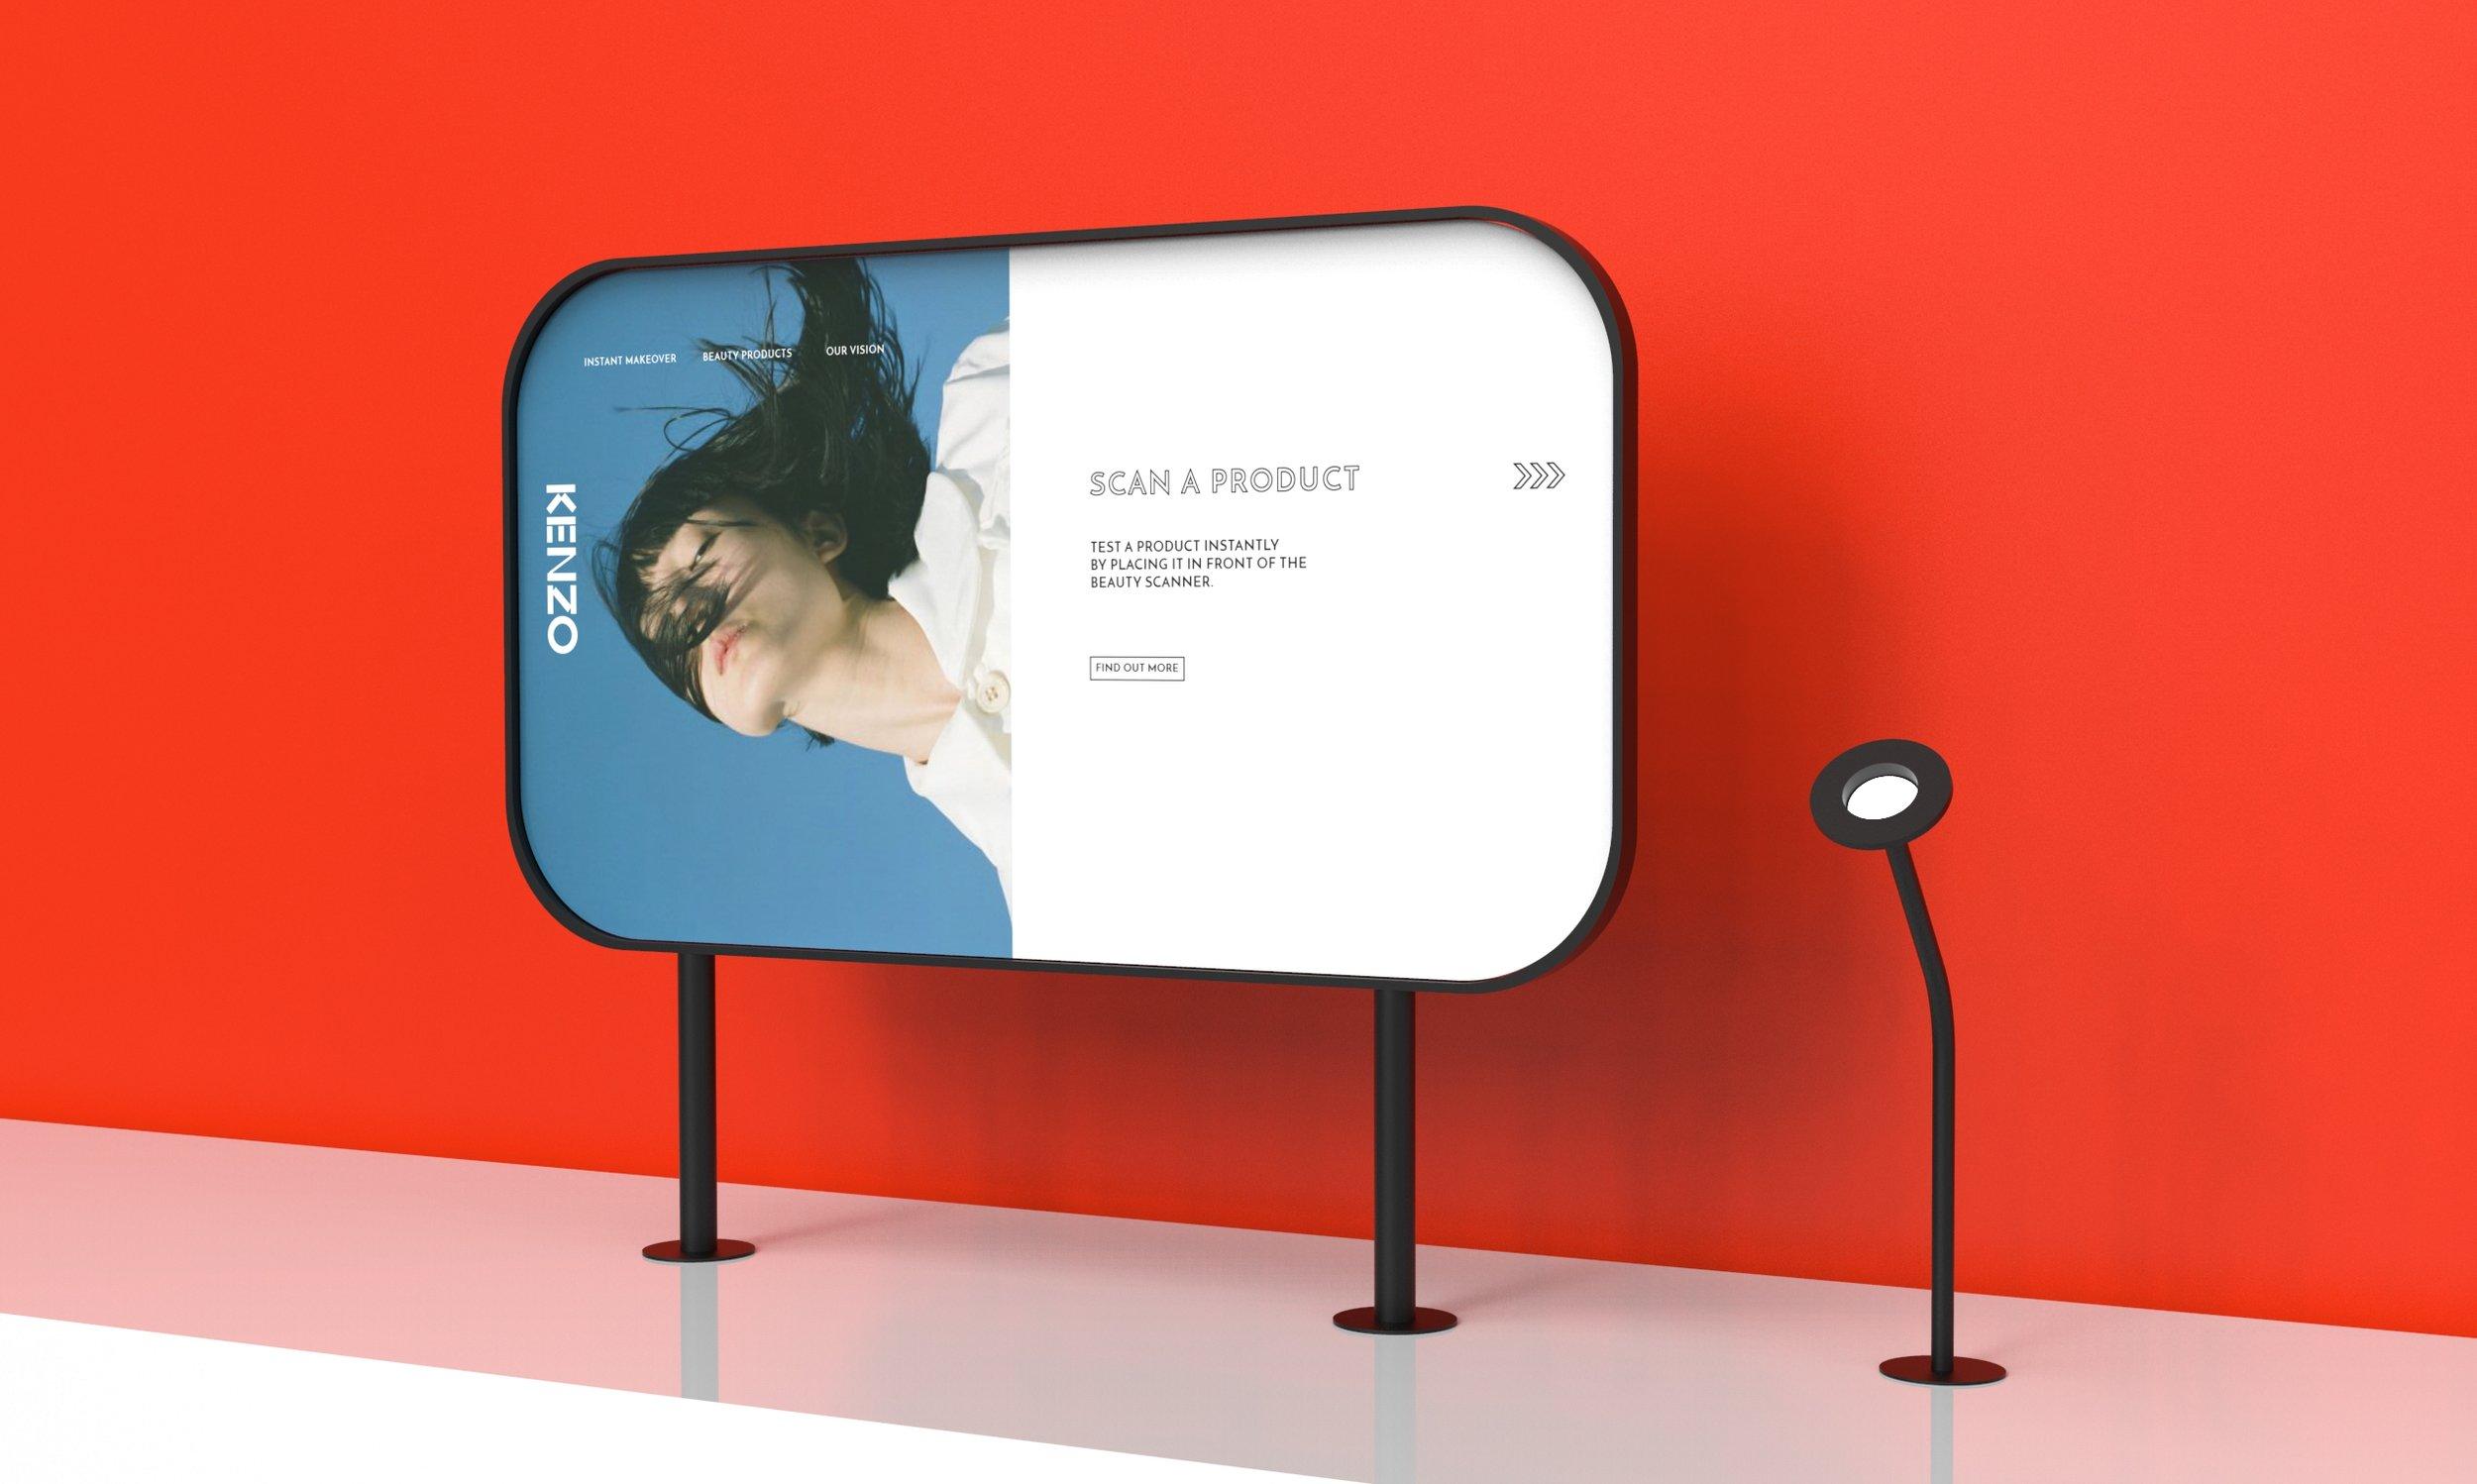 wall_display_wk14.239.jpg